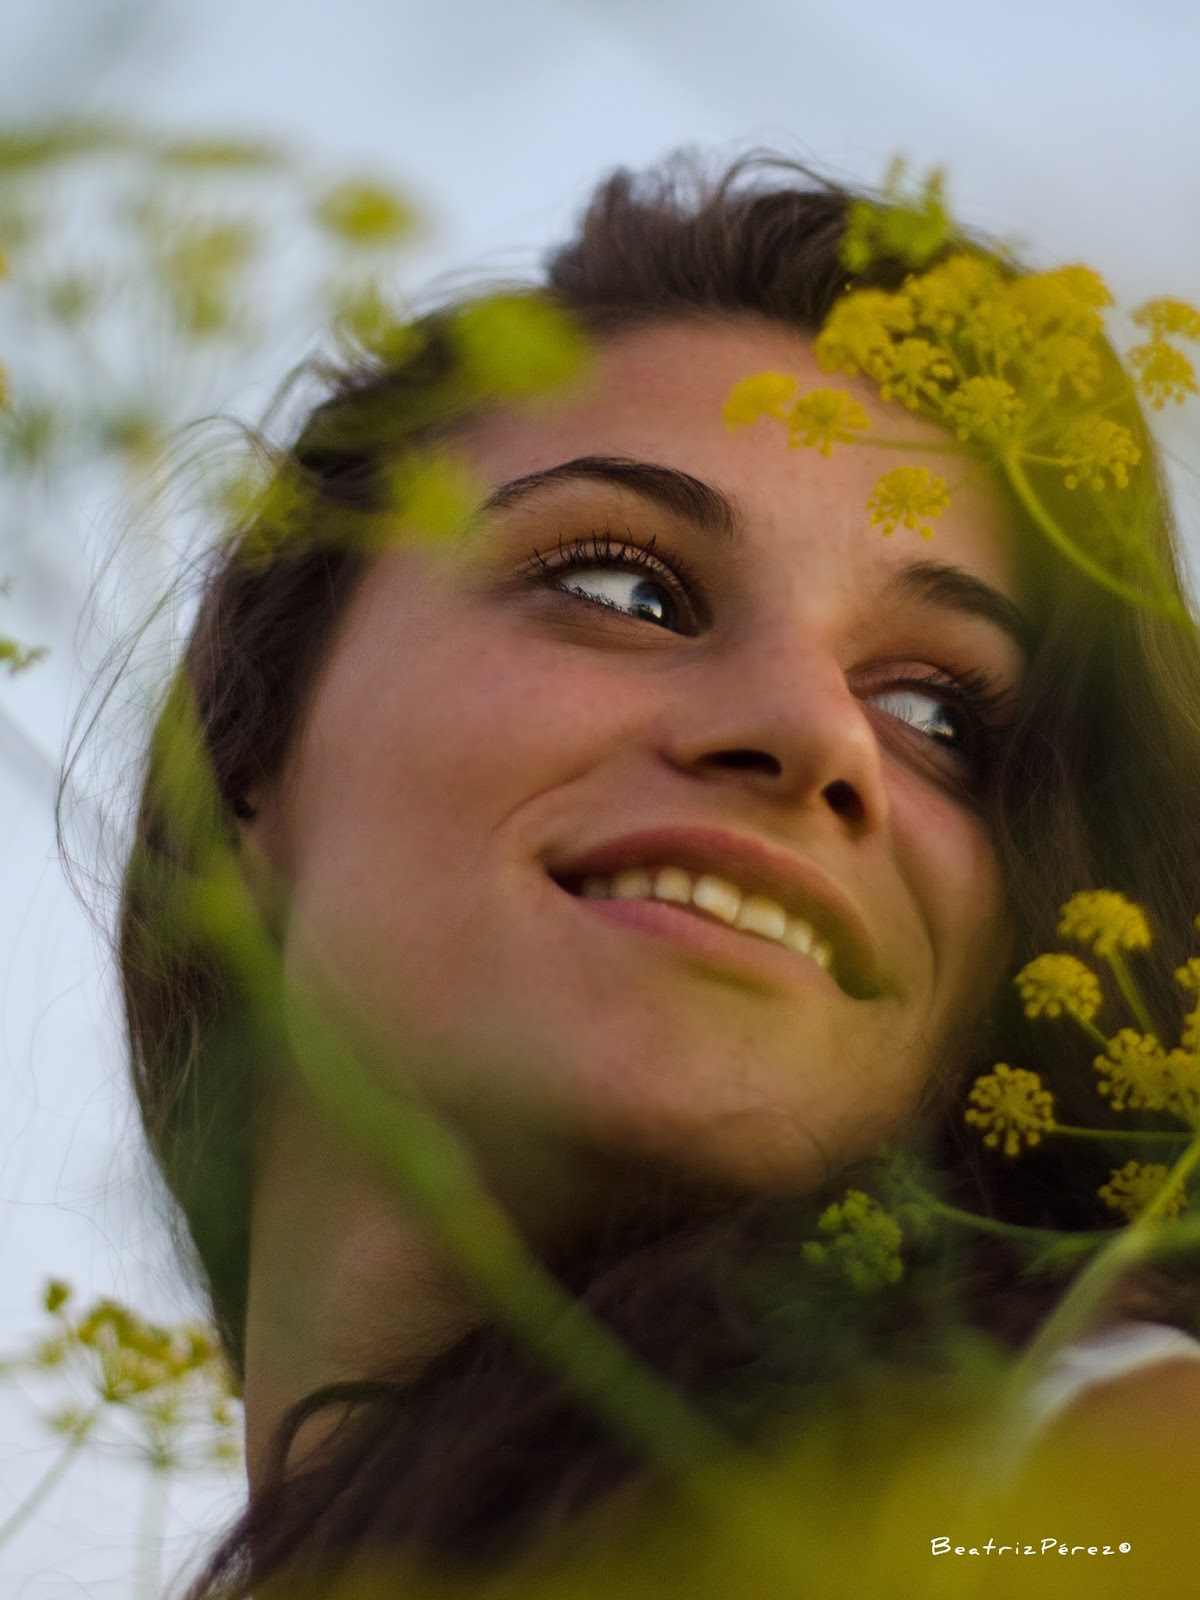 El Diván Azul: 5 trucos para mejorar tu fotografía de retrato;angulación